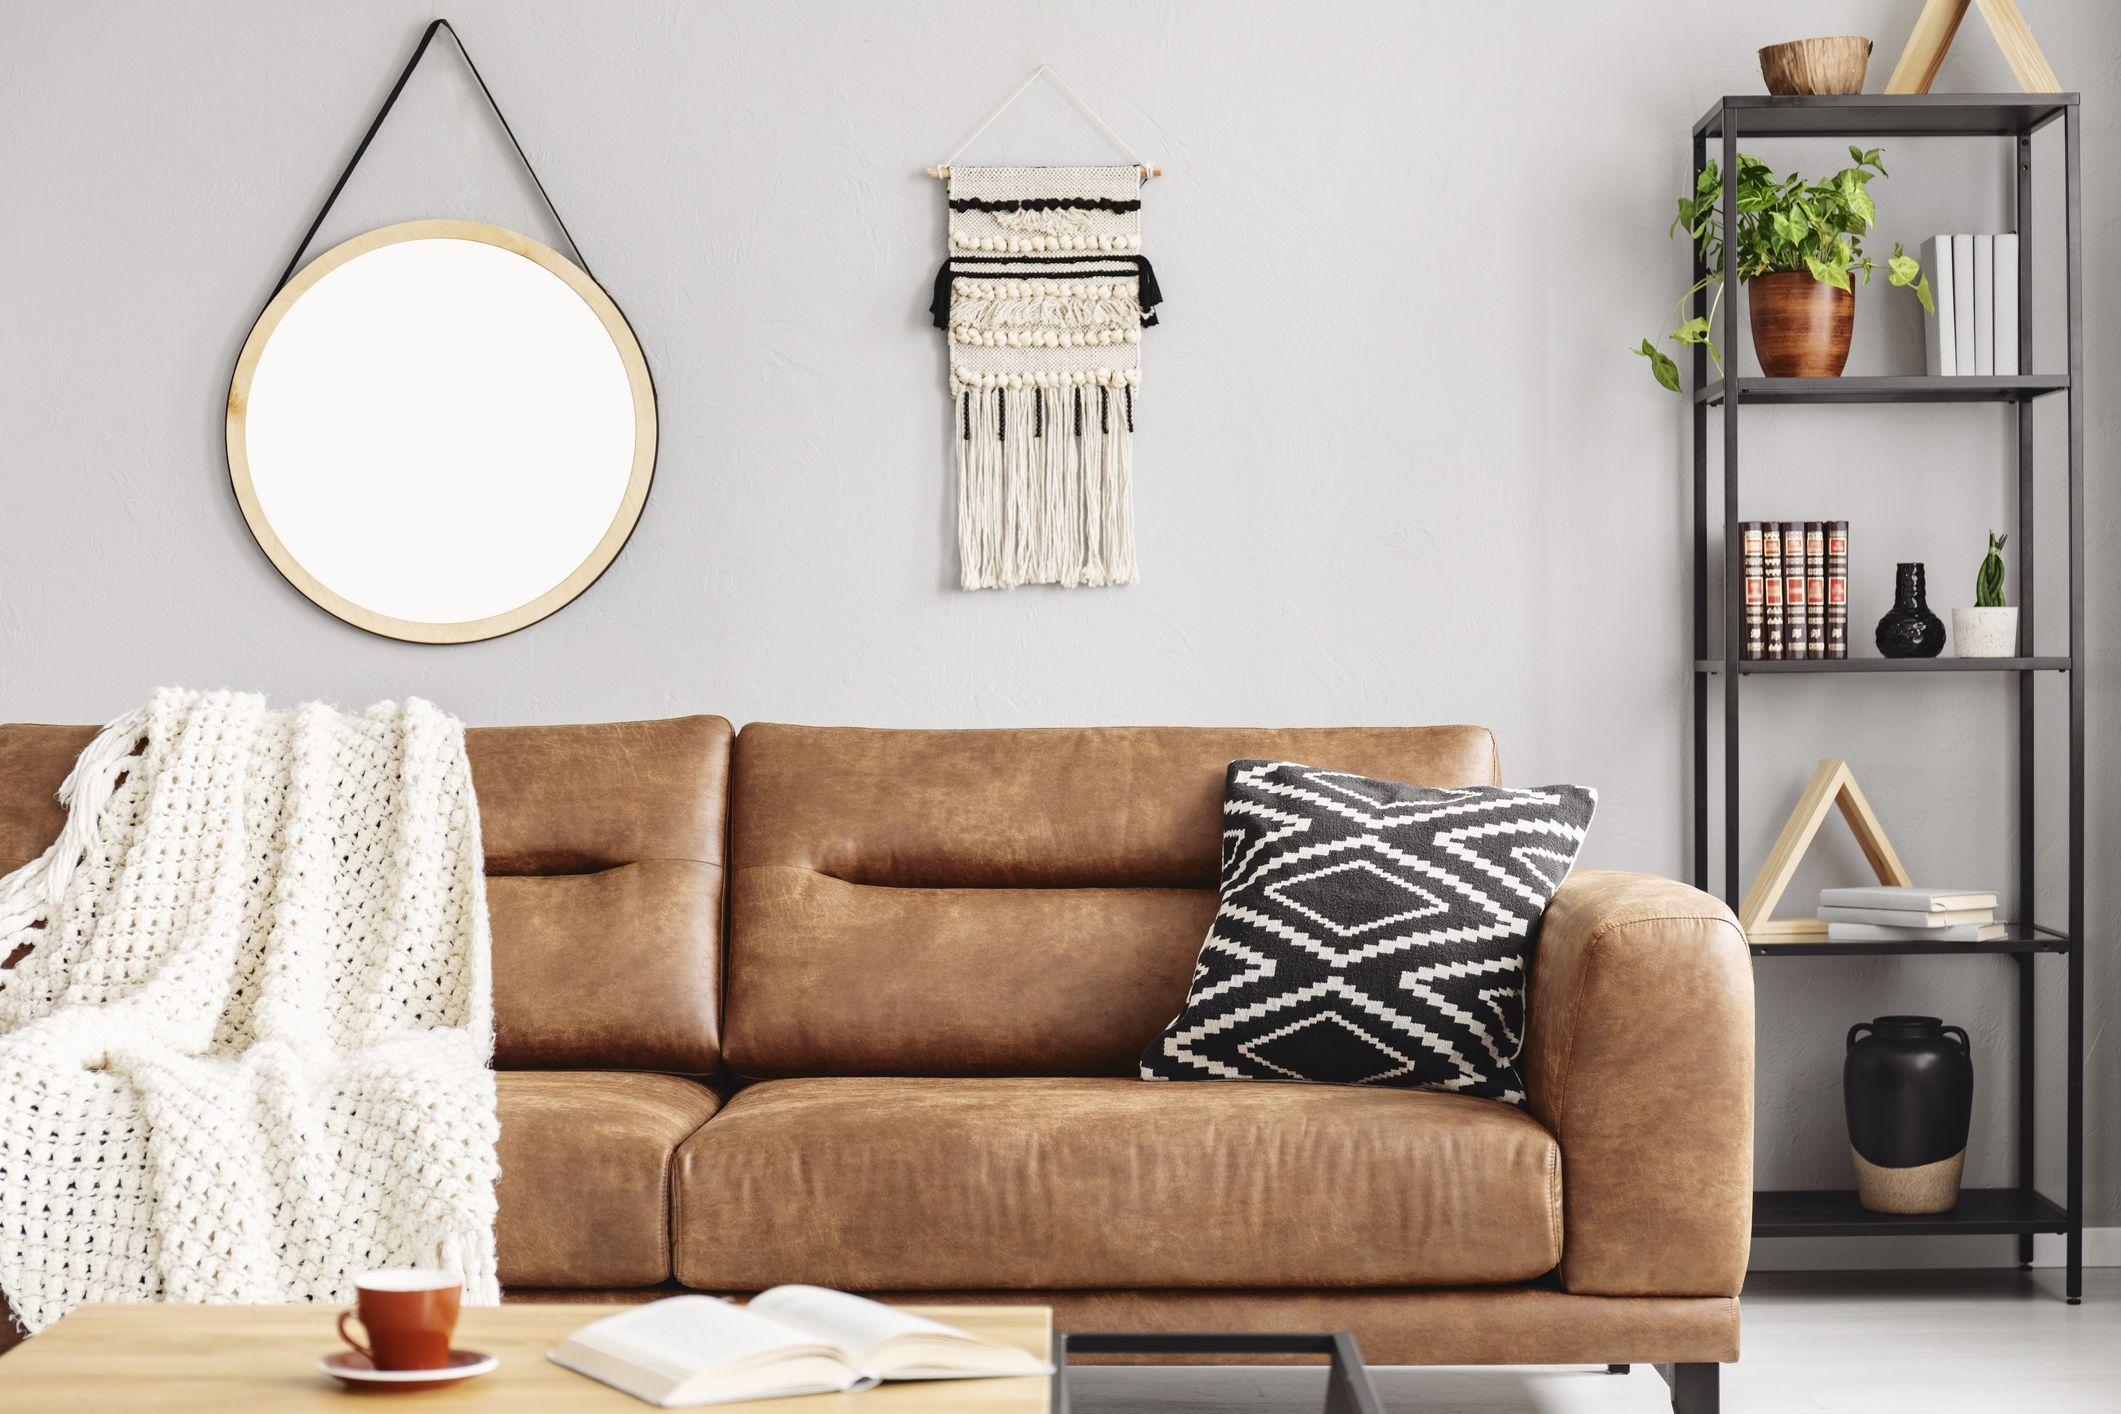 10 interior design updates homeowners regret